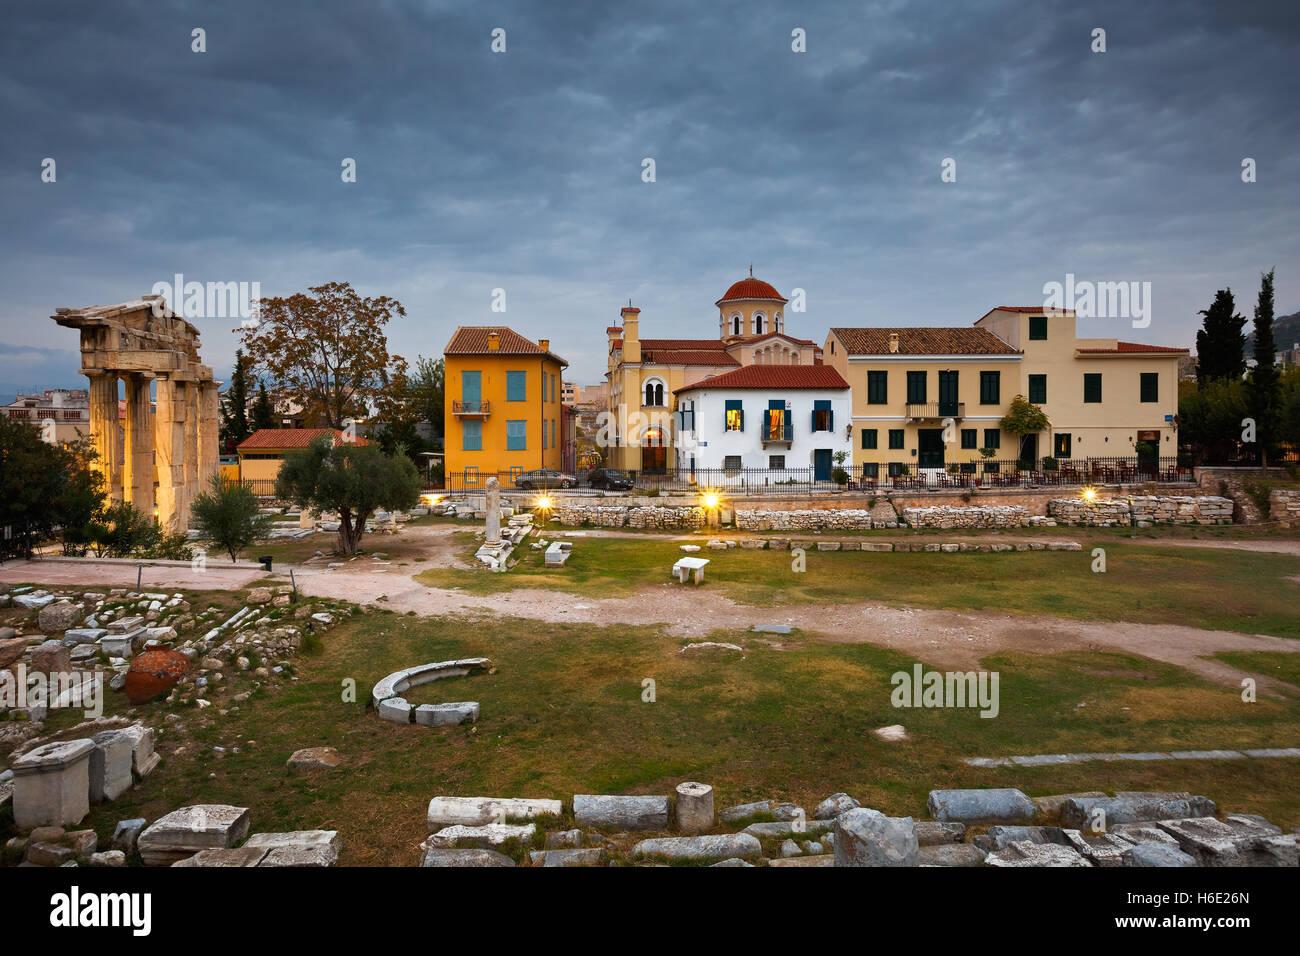 Les ruines antiques de la ville d'Athènes, Grèce. Photo Stock